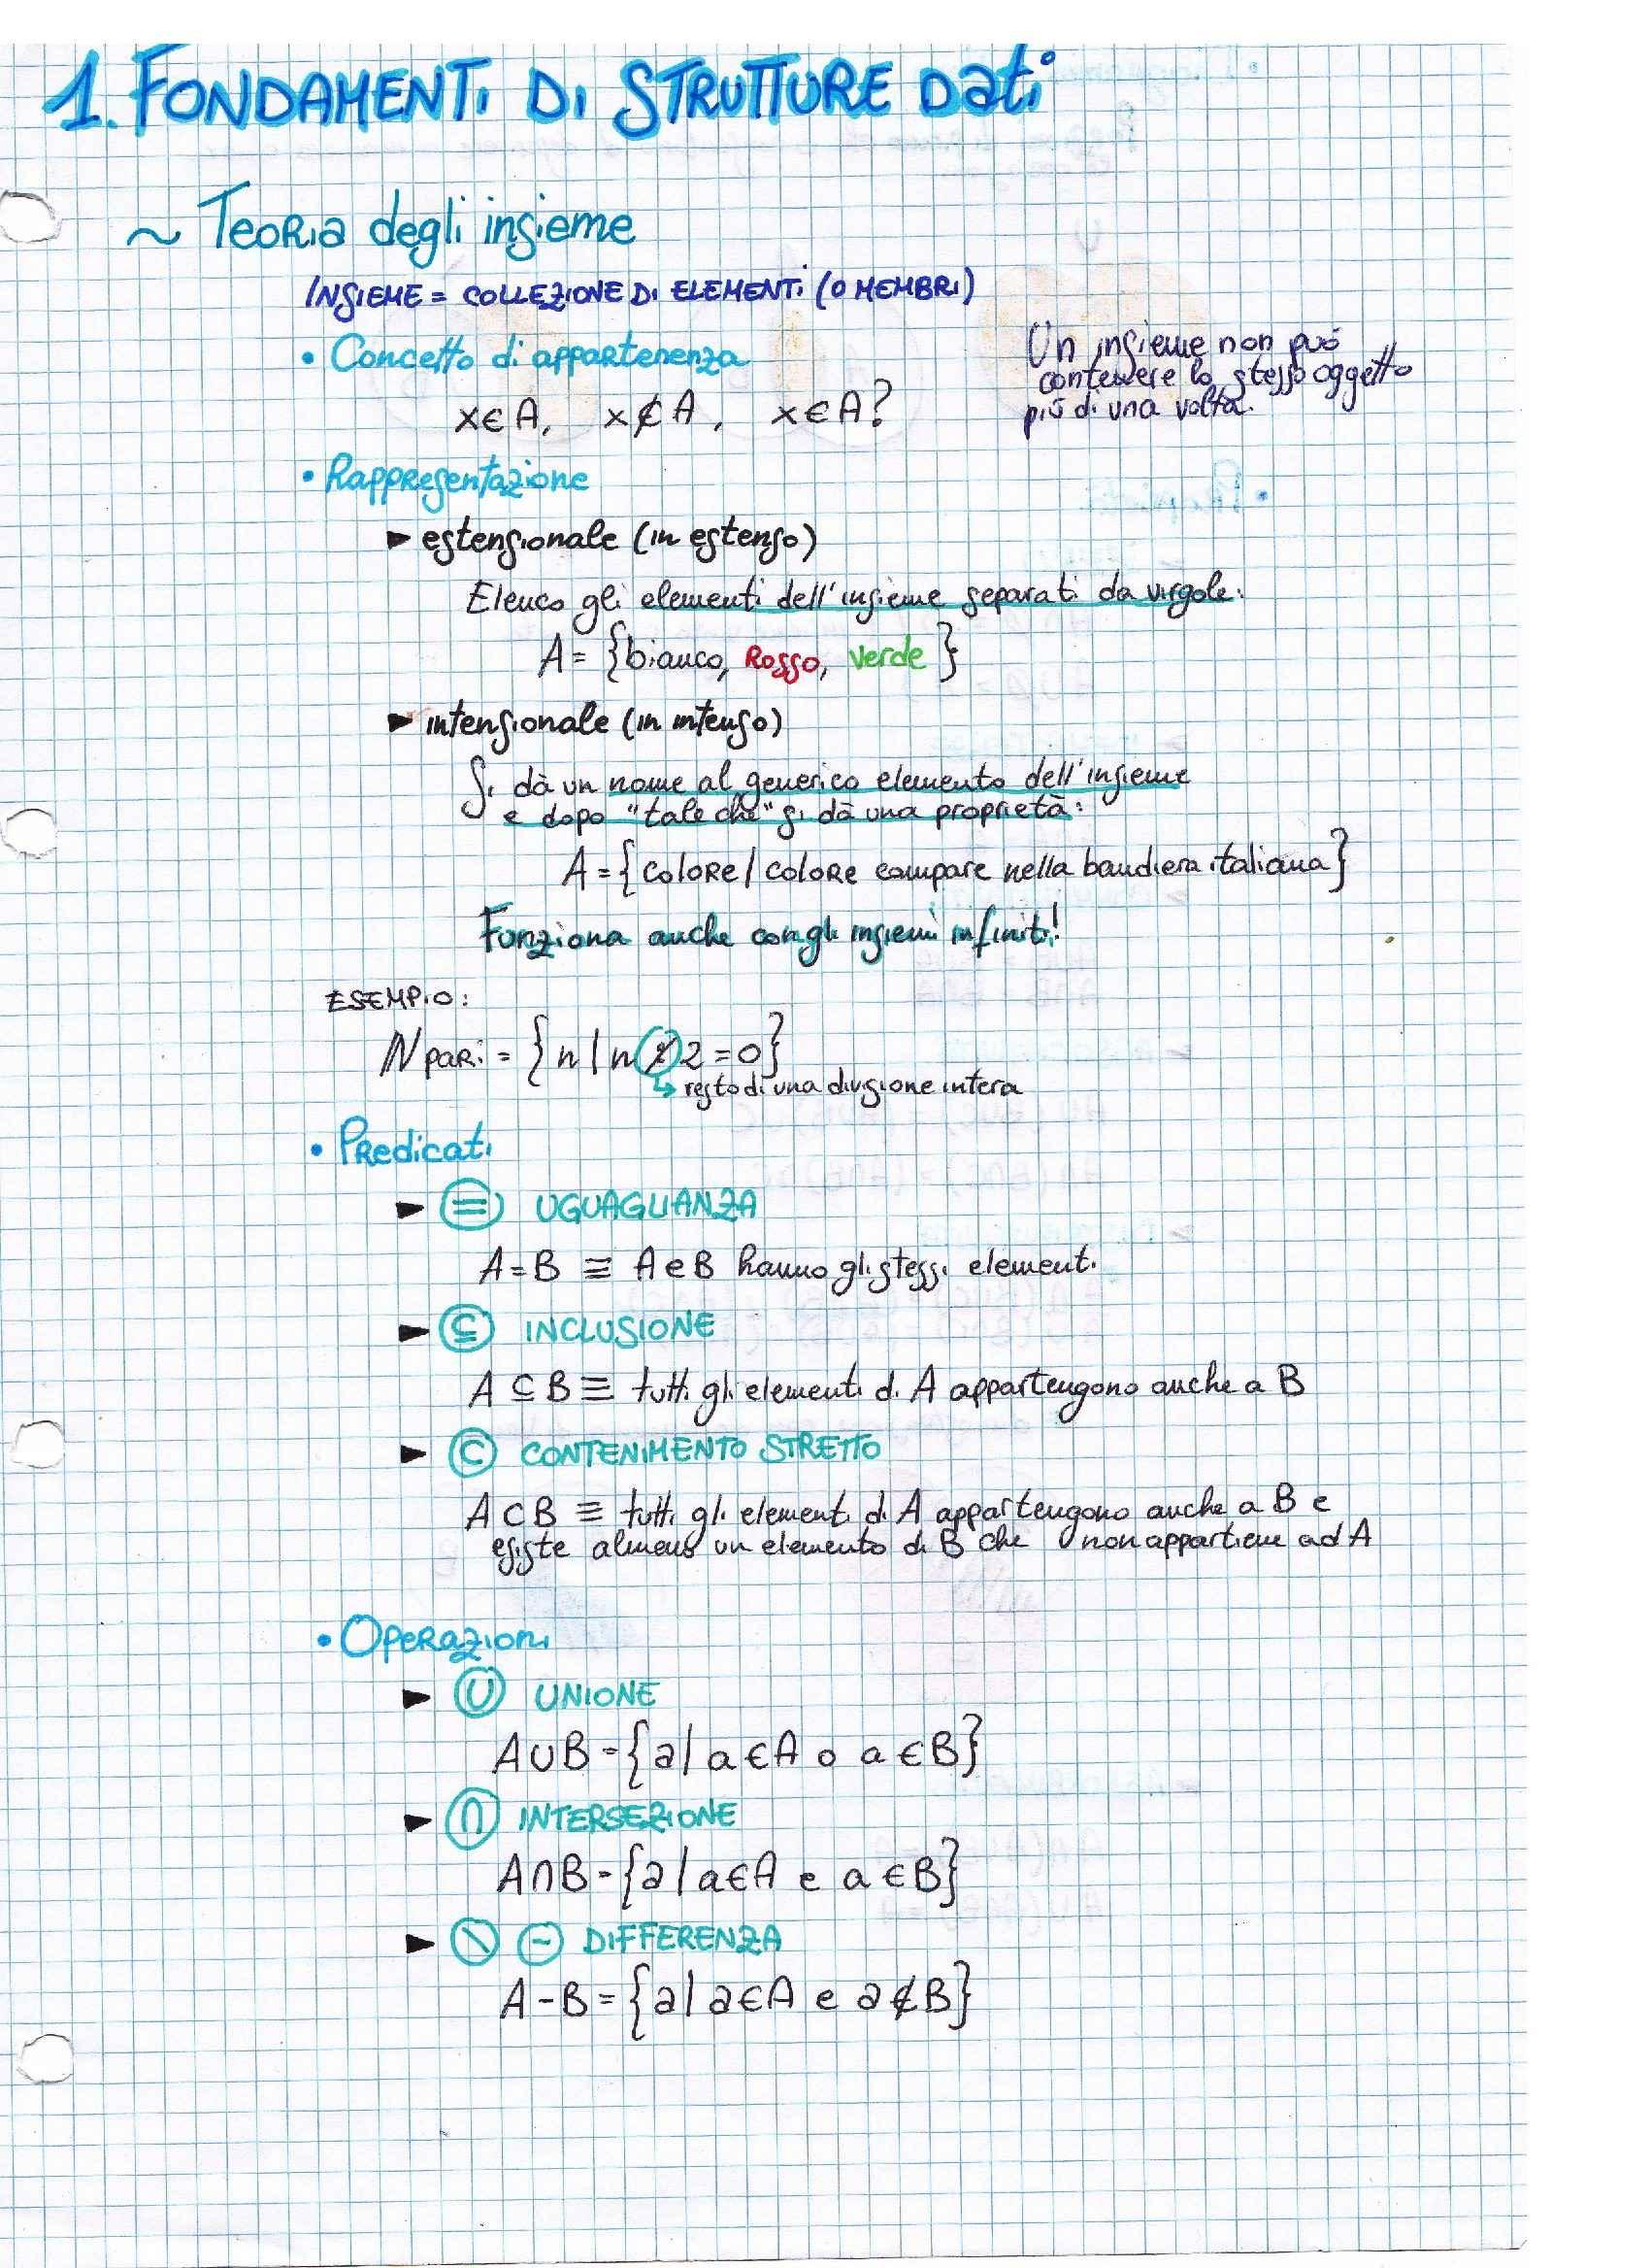 Fondamenti teorici e programmazione - Appunti